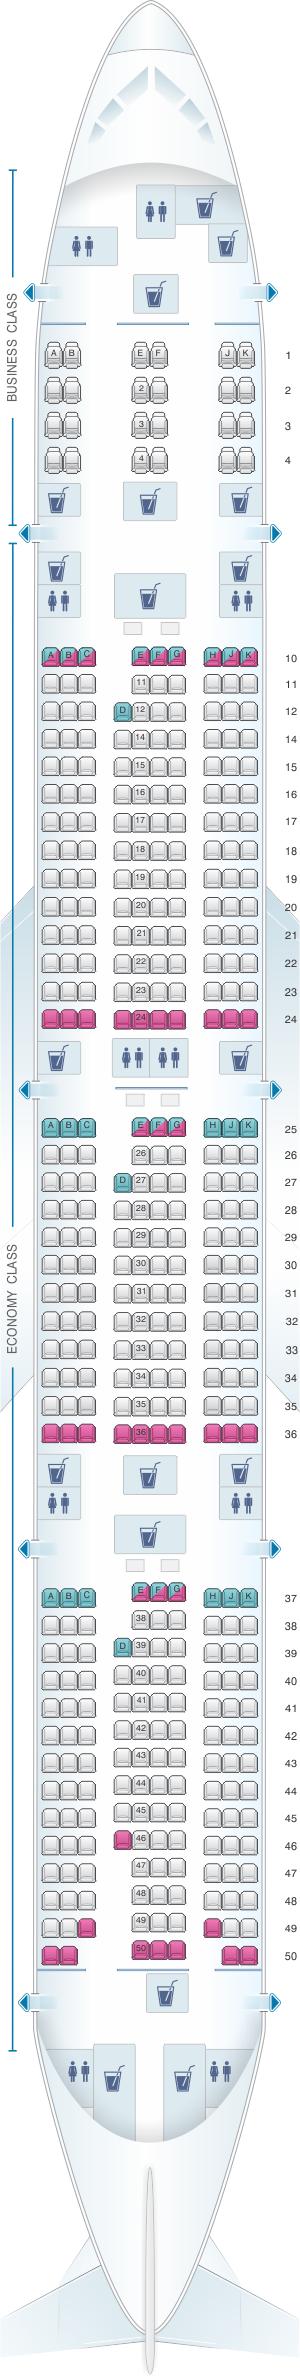 Plan de cabine qatar airways boeing b777 300er 412pax for Plan cabine 777 300er